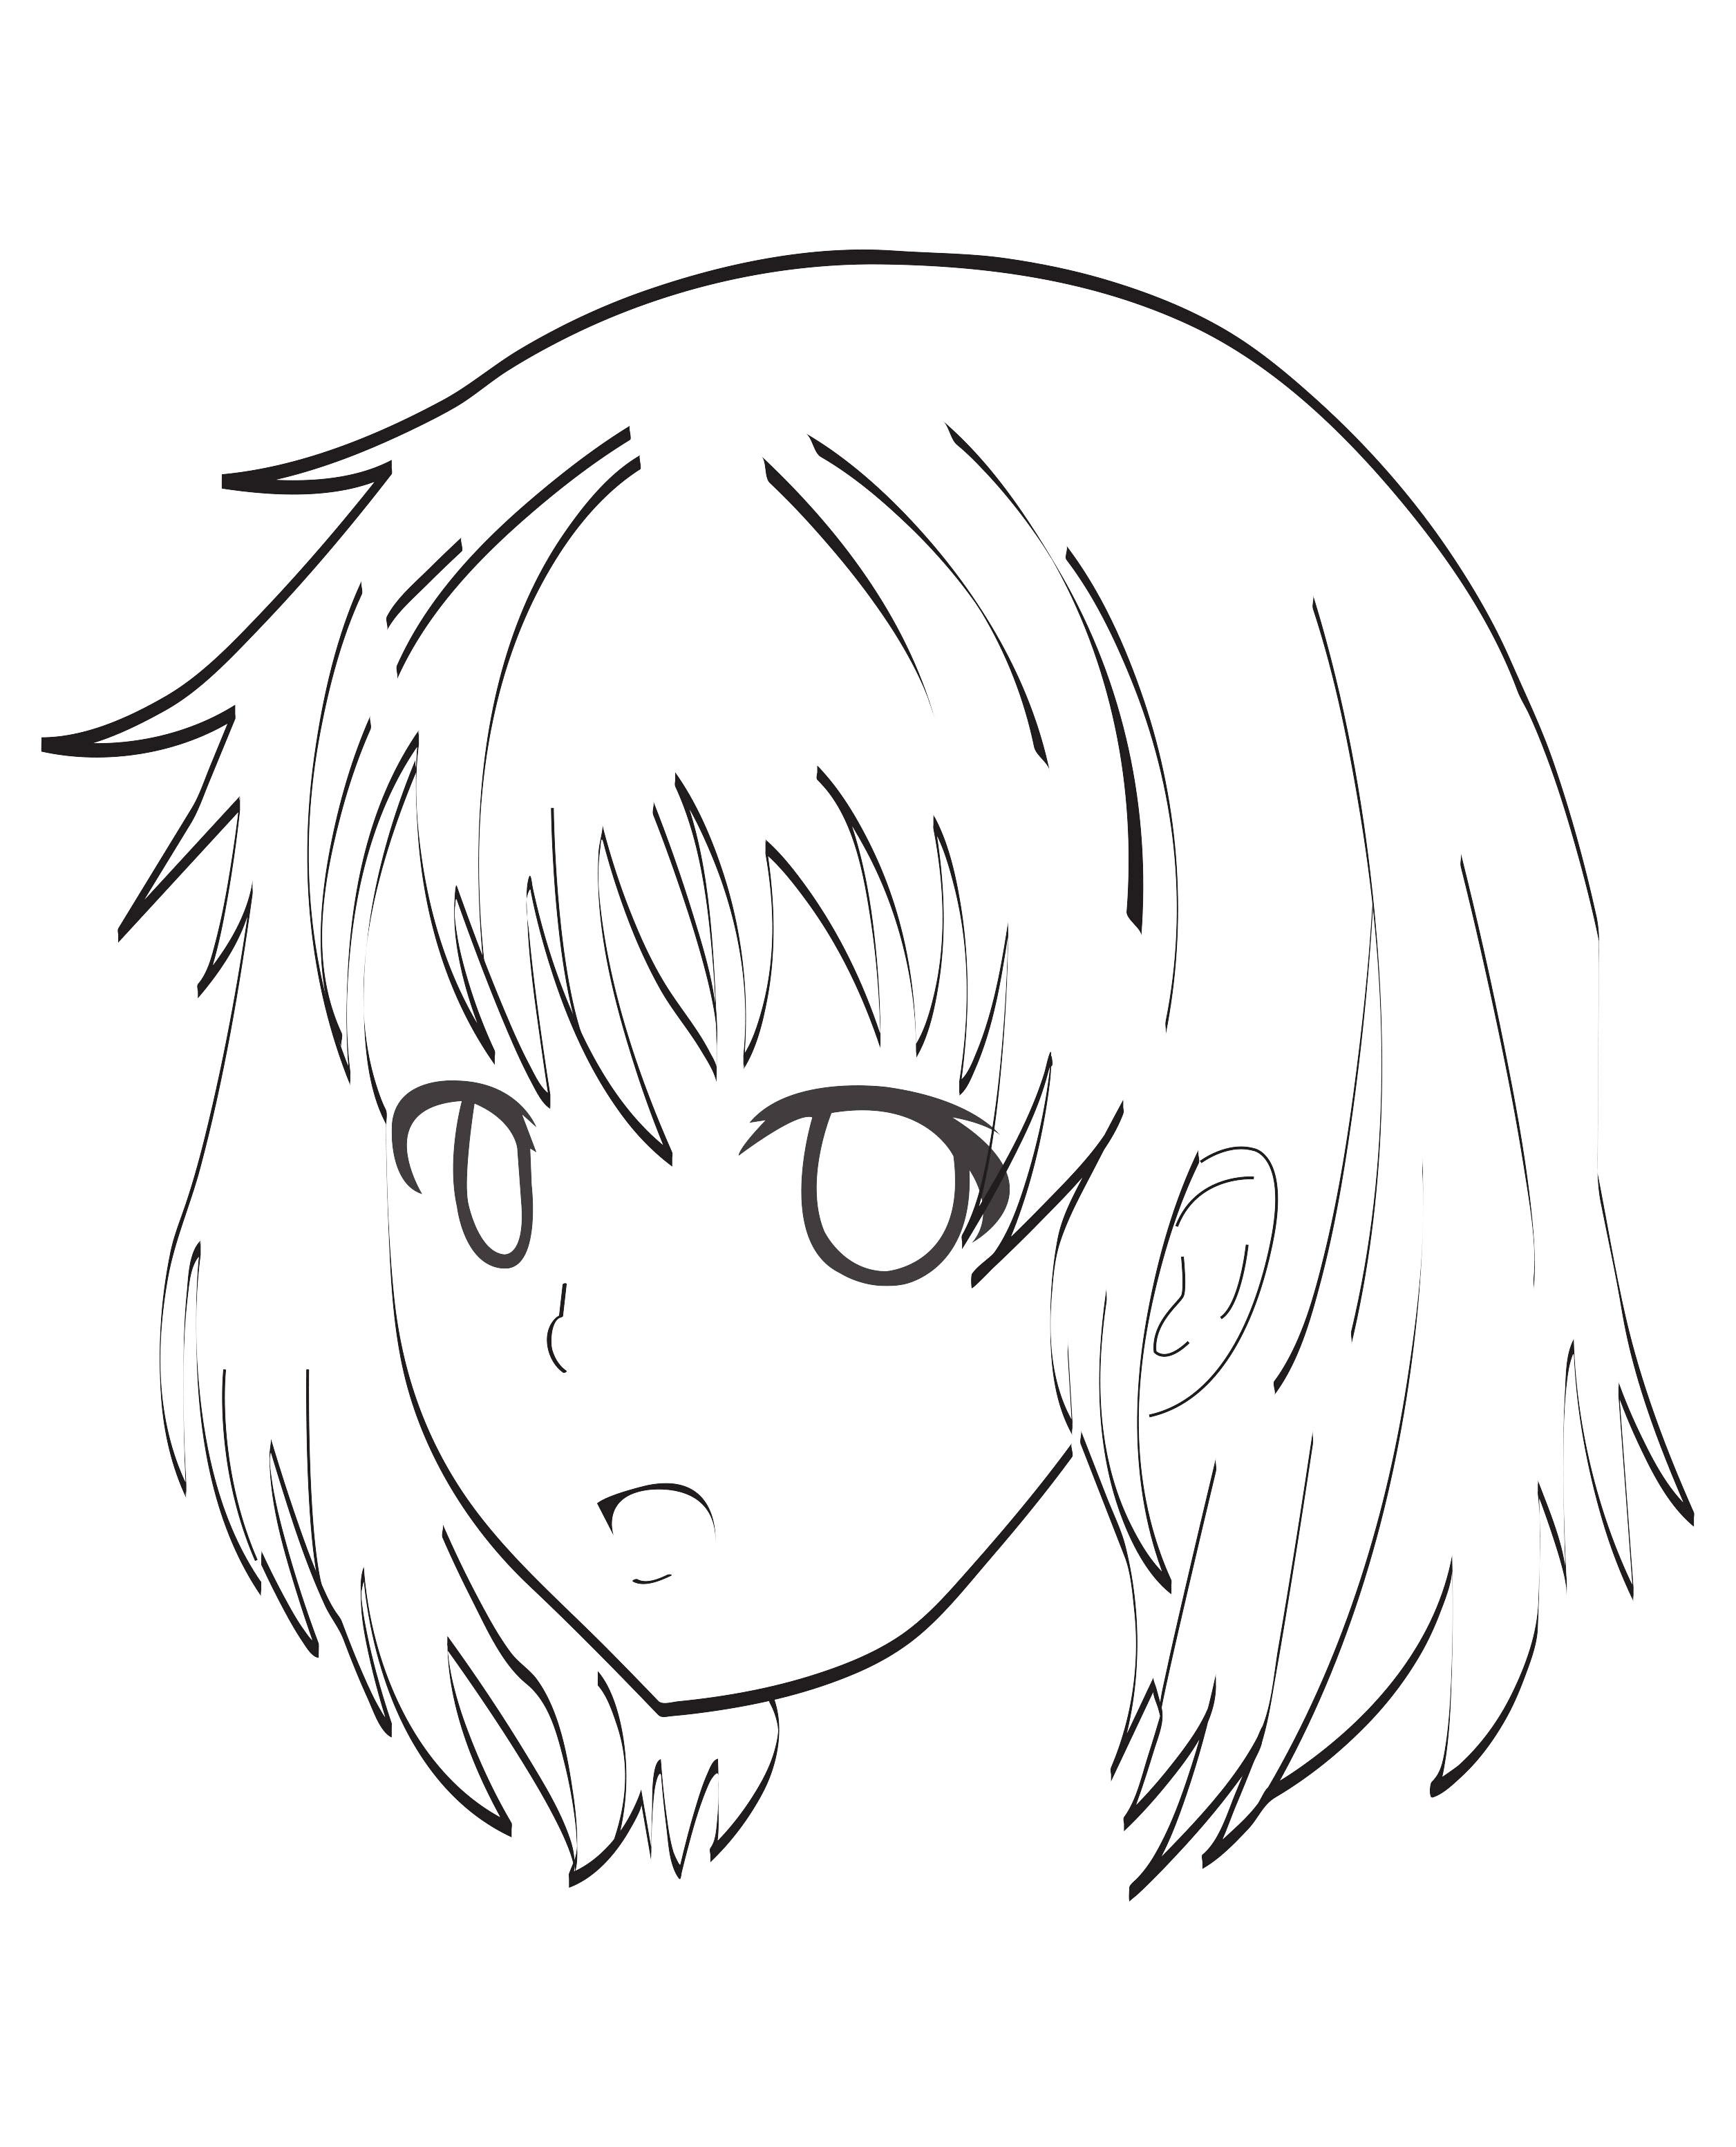 Simple visage féminin au style Manga, à imprimer et colorierA partir de la galerie : MangasArtiste : Celine